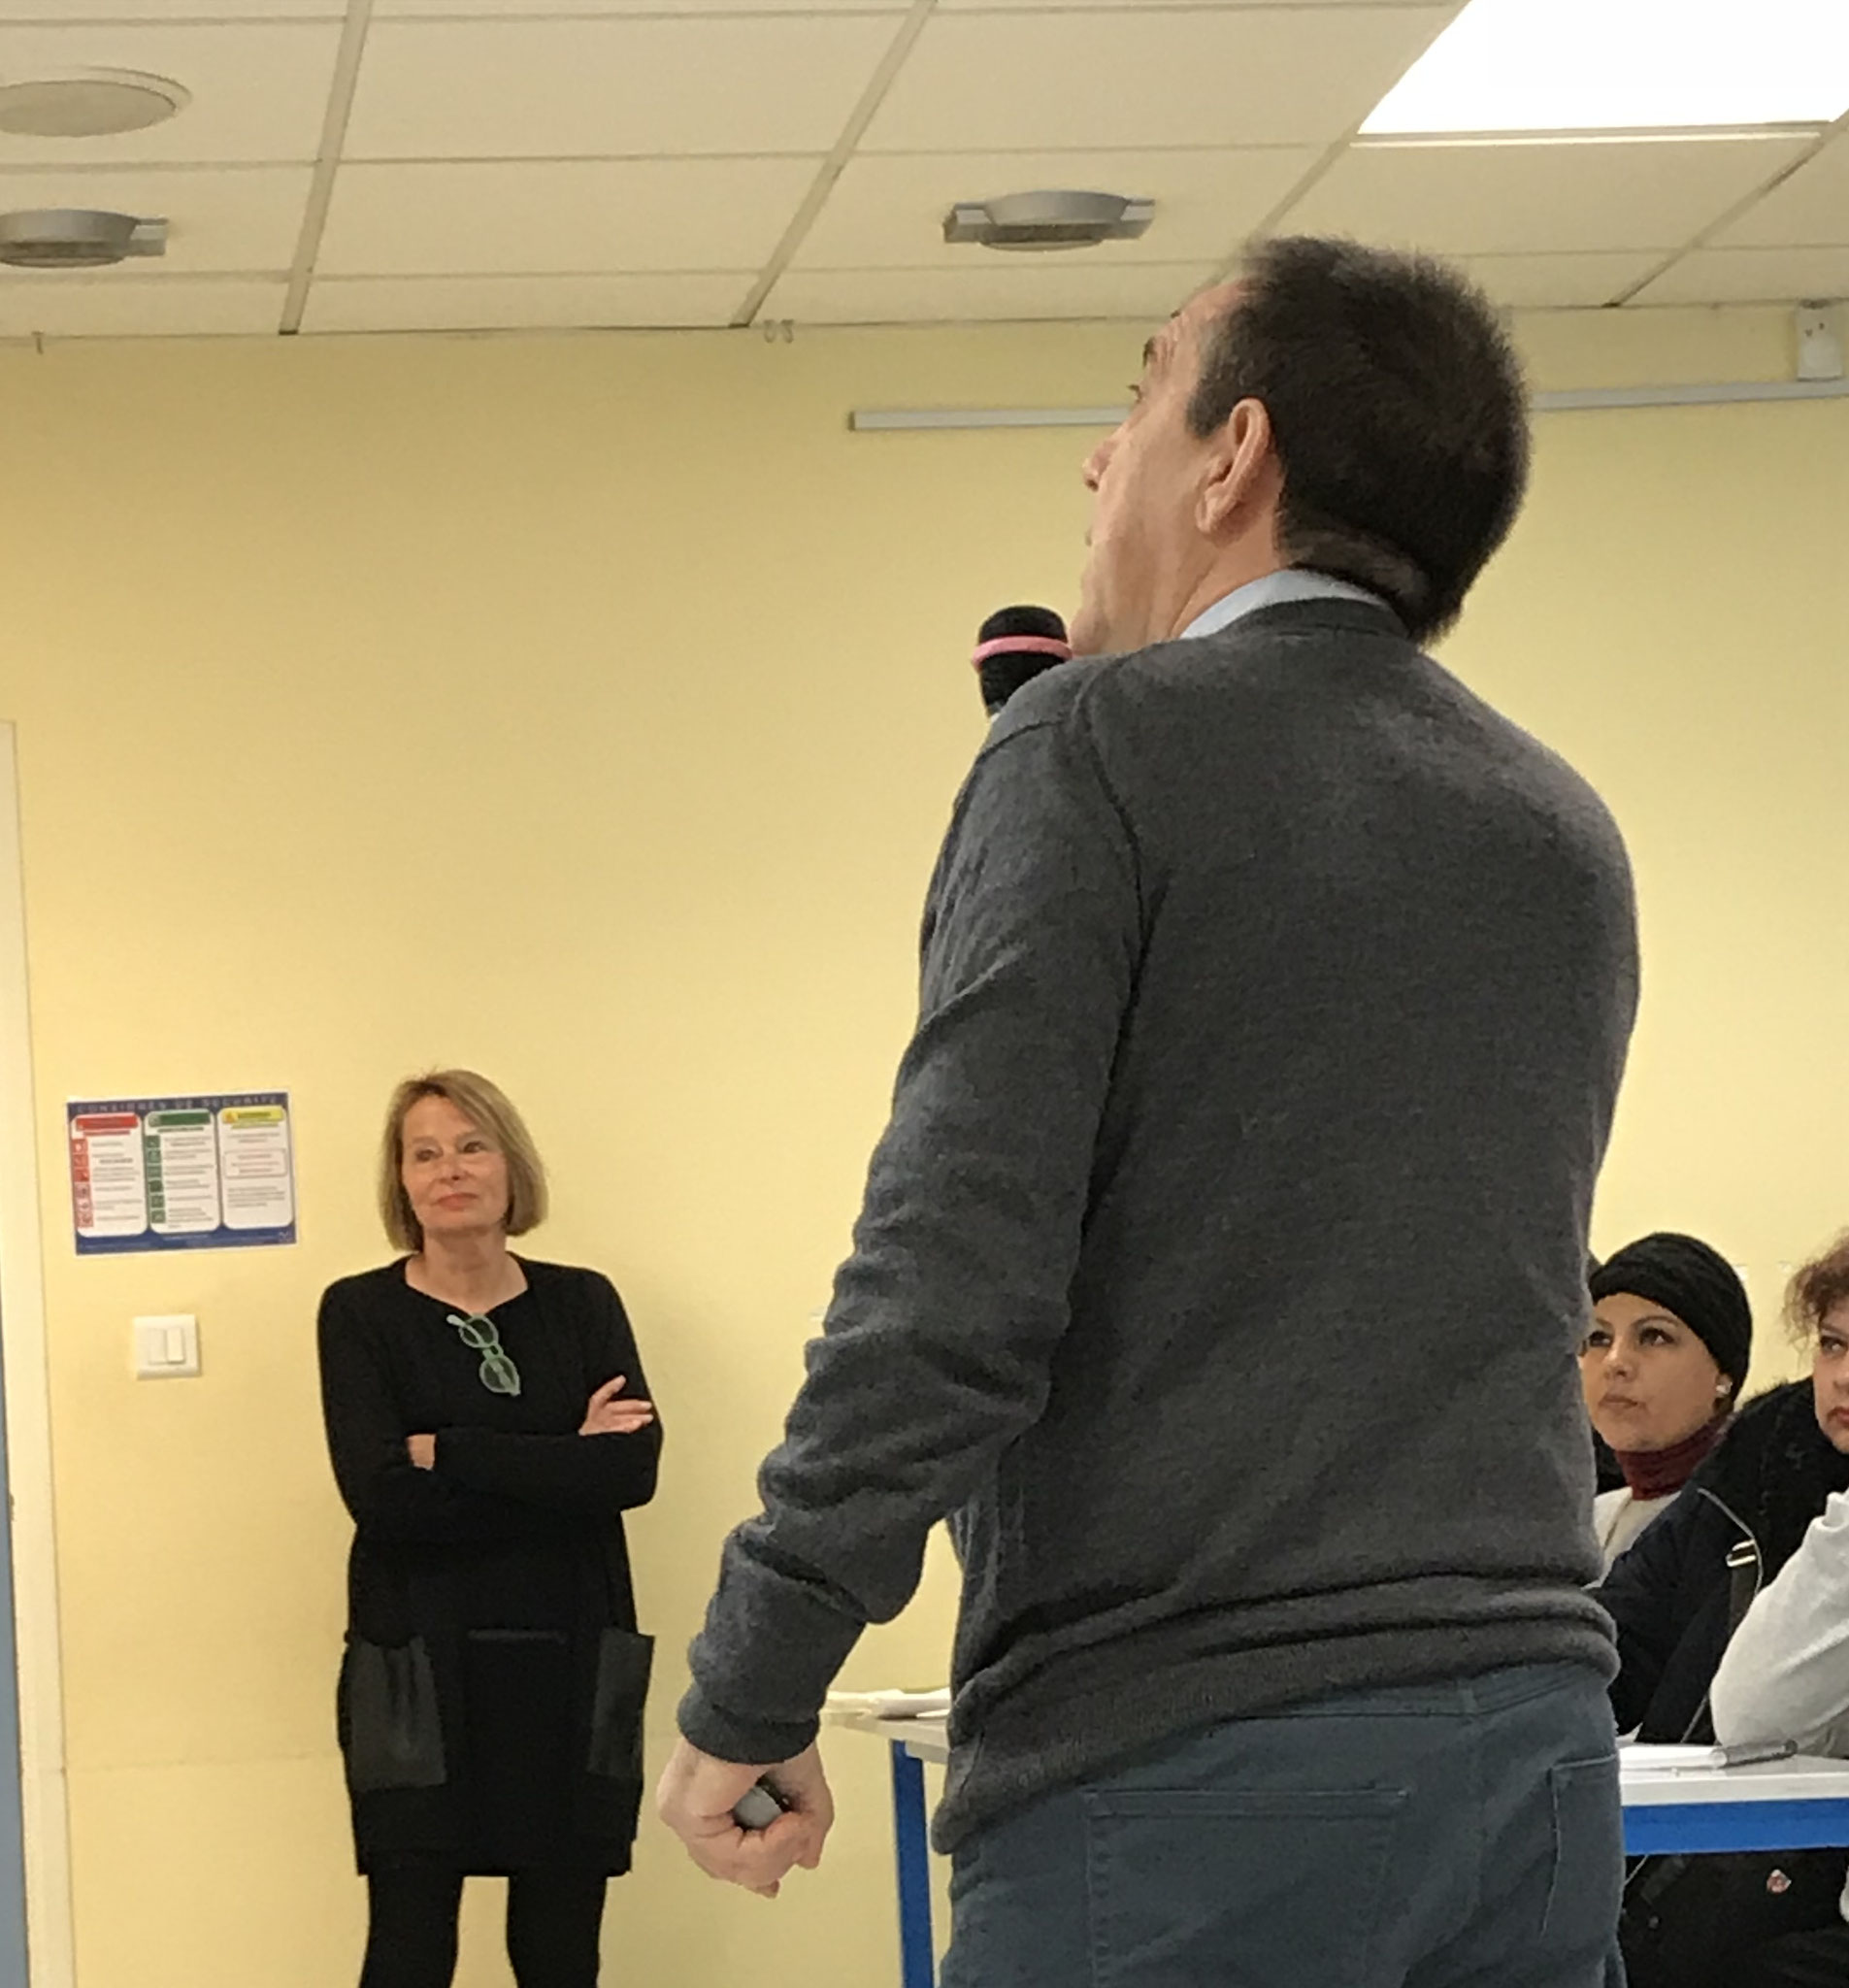 La señora Sautereau y el señor Leber presentando el Institut Limayrac.